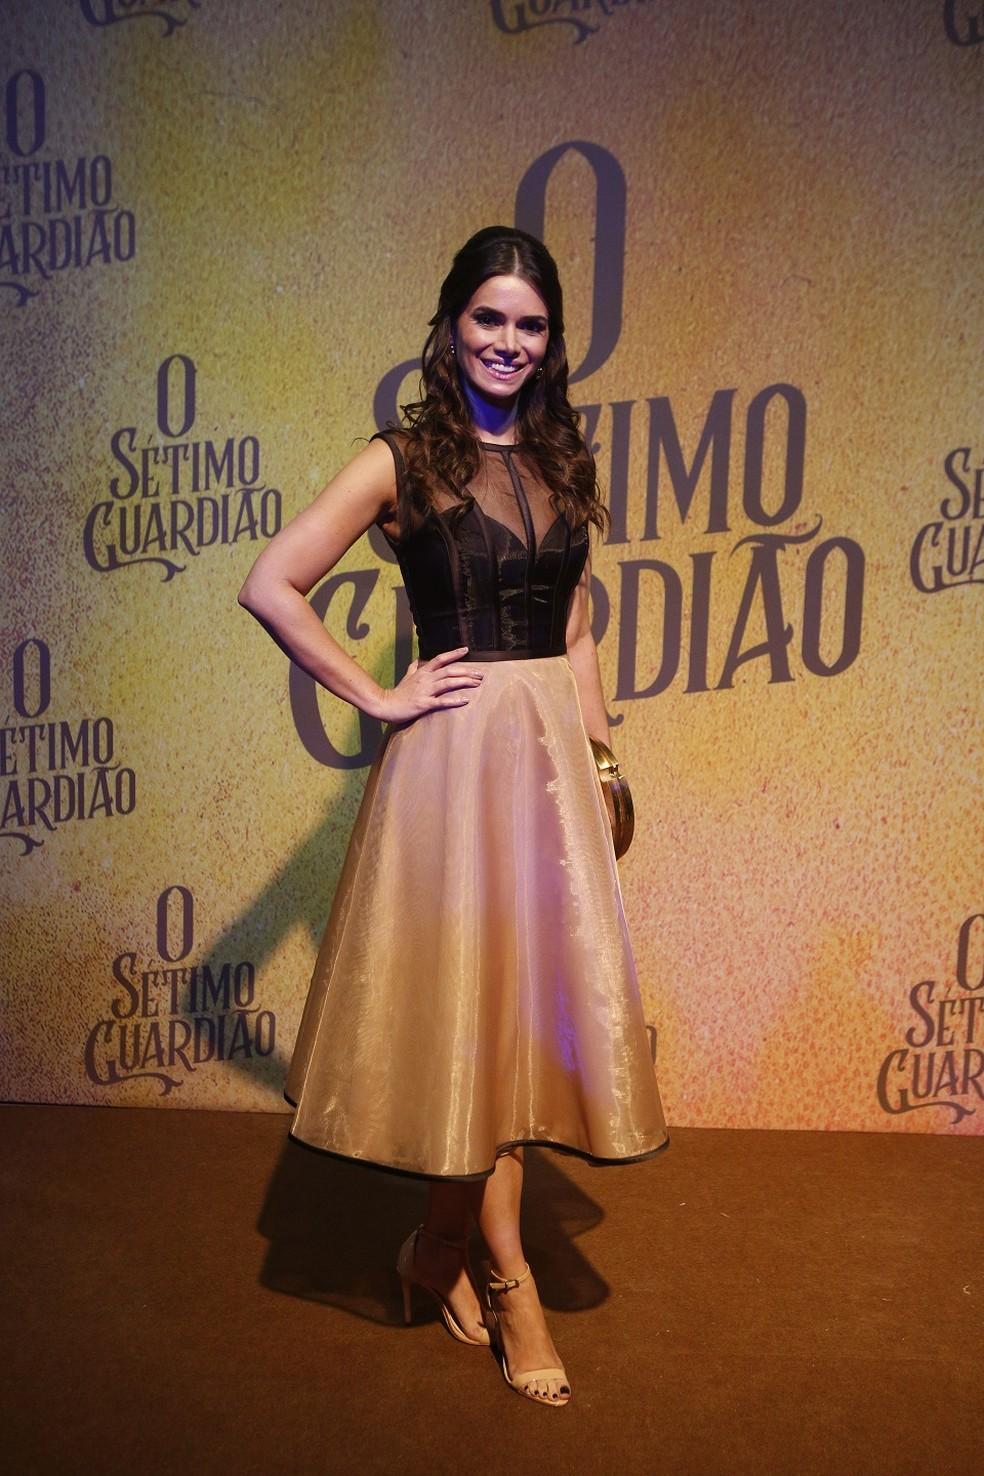 Simone Zucato será uma das beatas de Serro Azul — Foto: Fabiano Battaglin/Gshow